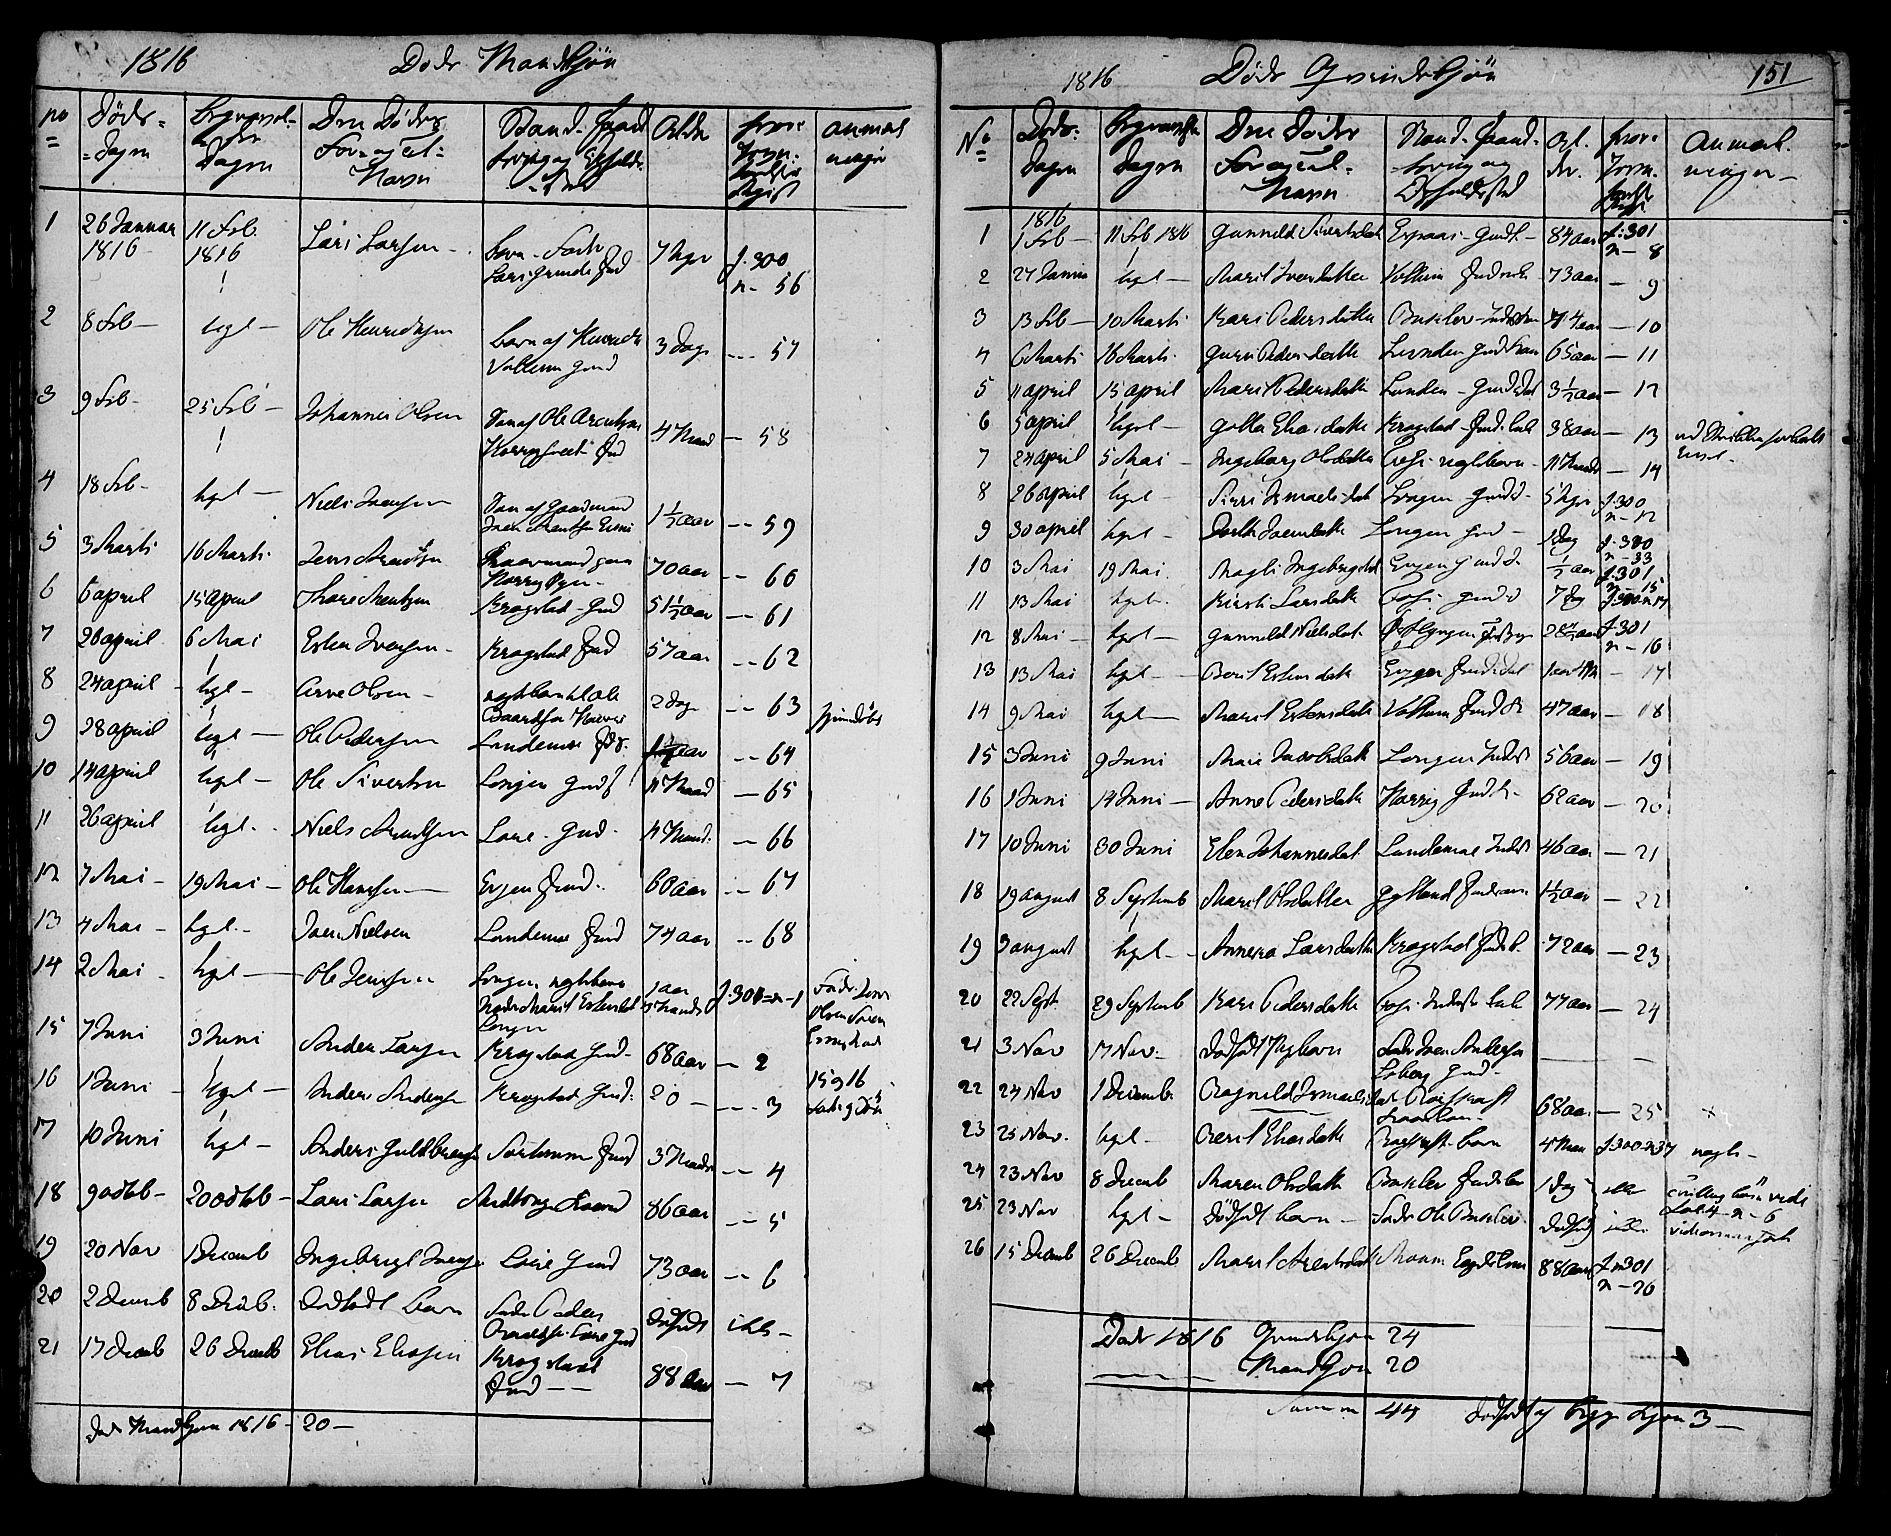 SAT, Ministerialprotokoller, klokkerbøker og fødselsregistre - Sør-Trøndelag, 692/L1108: Klokkerbok nr. 692C03, 1816-1833, s. 151